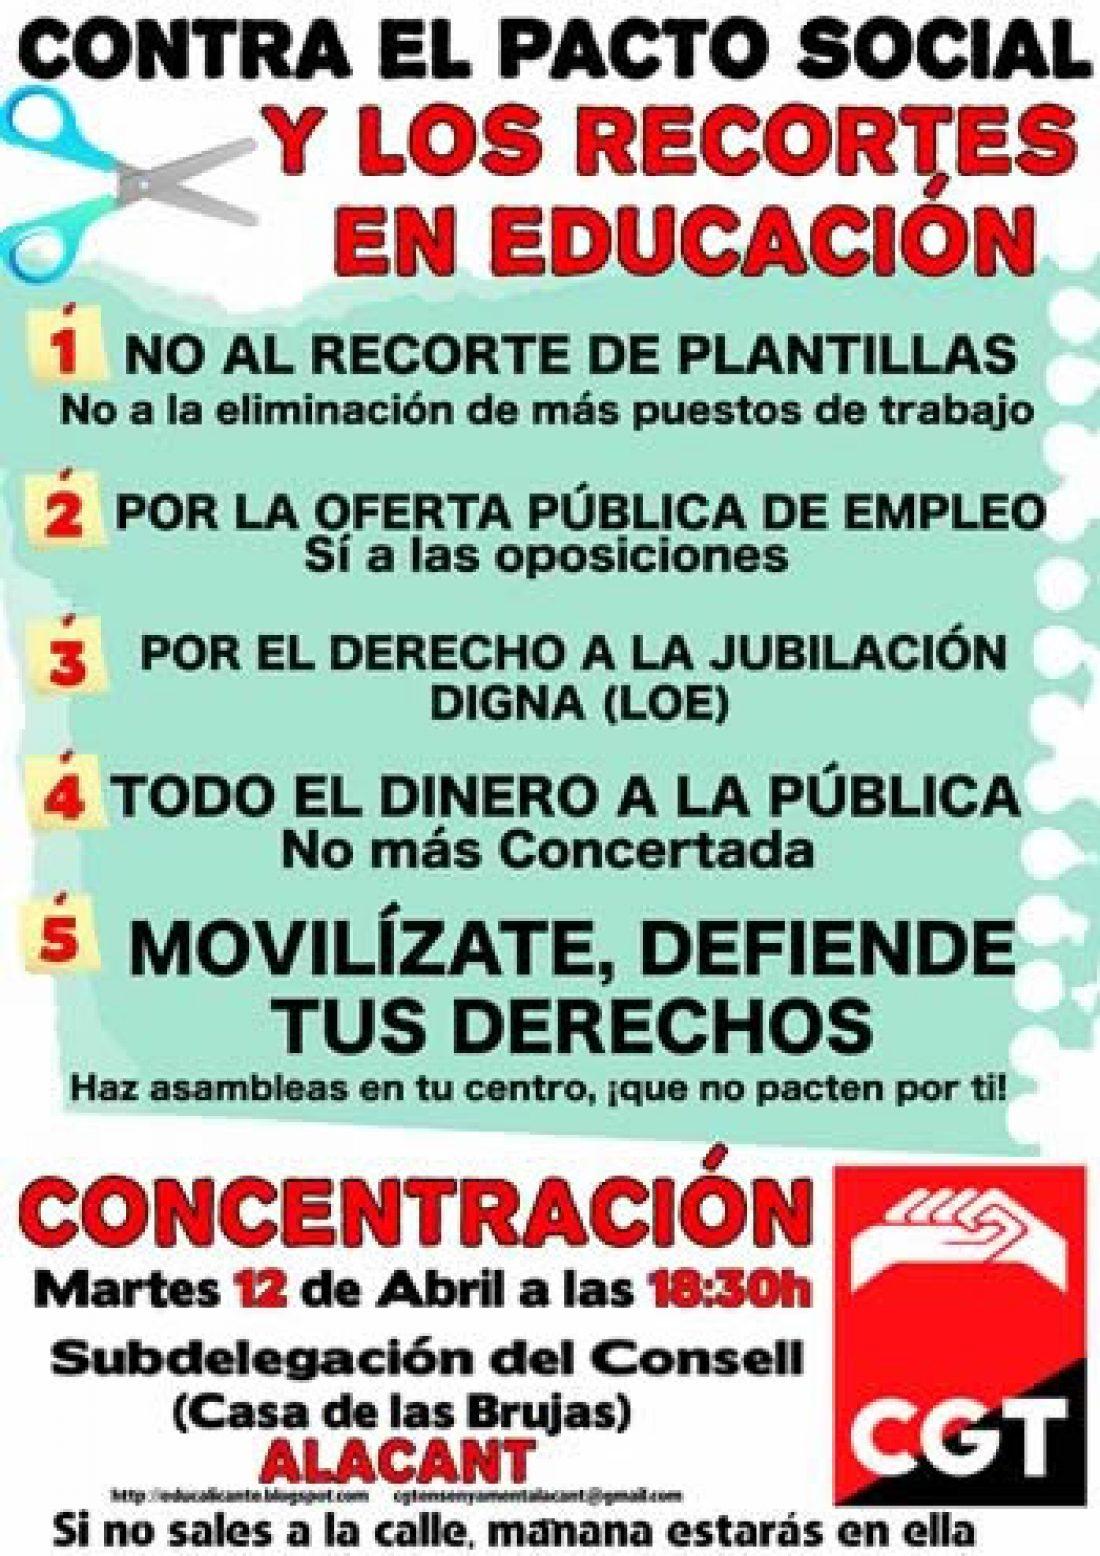 Alacant, 12 de Abril: CGT convoca concentración contra el pacto social y los recortes en educación